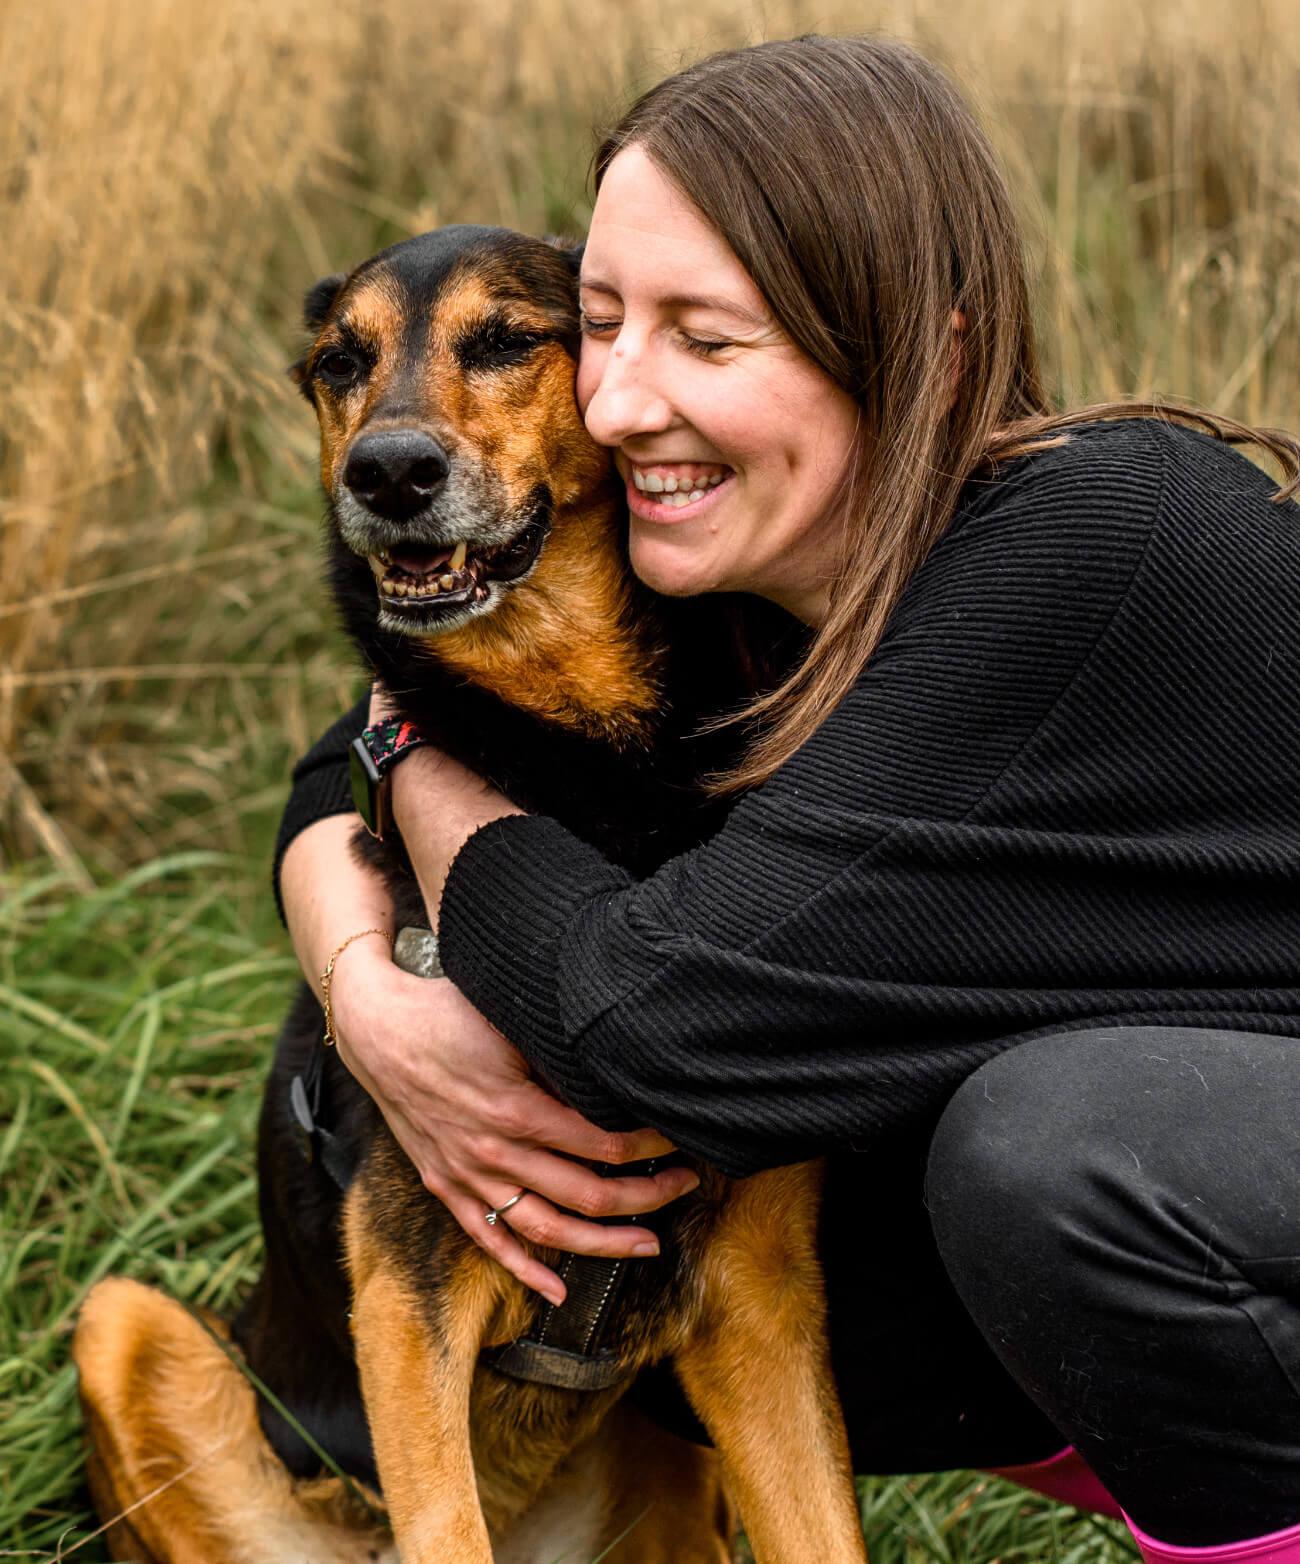 Lauren hugging her dog